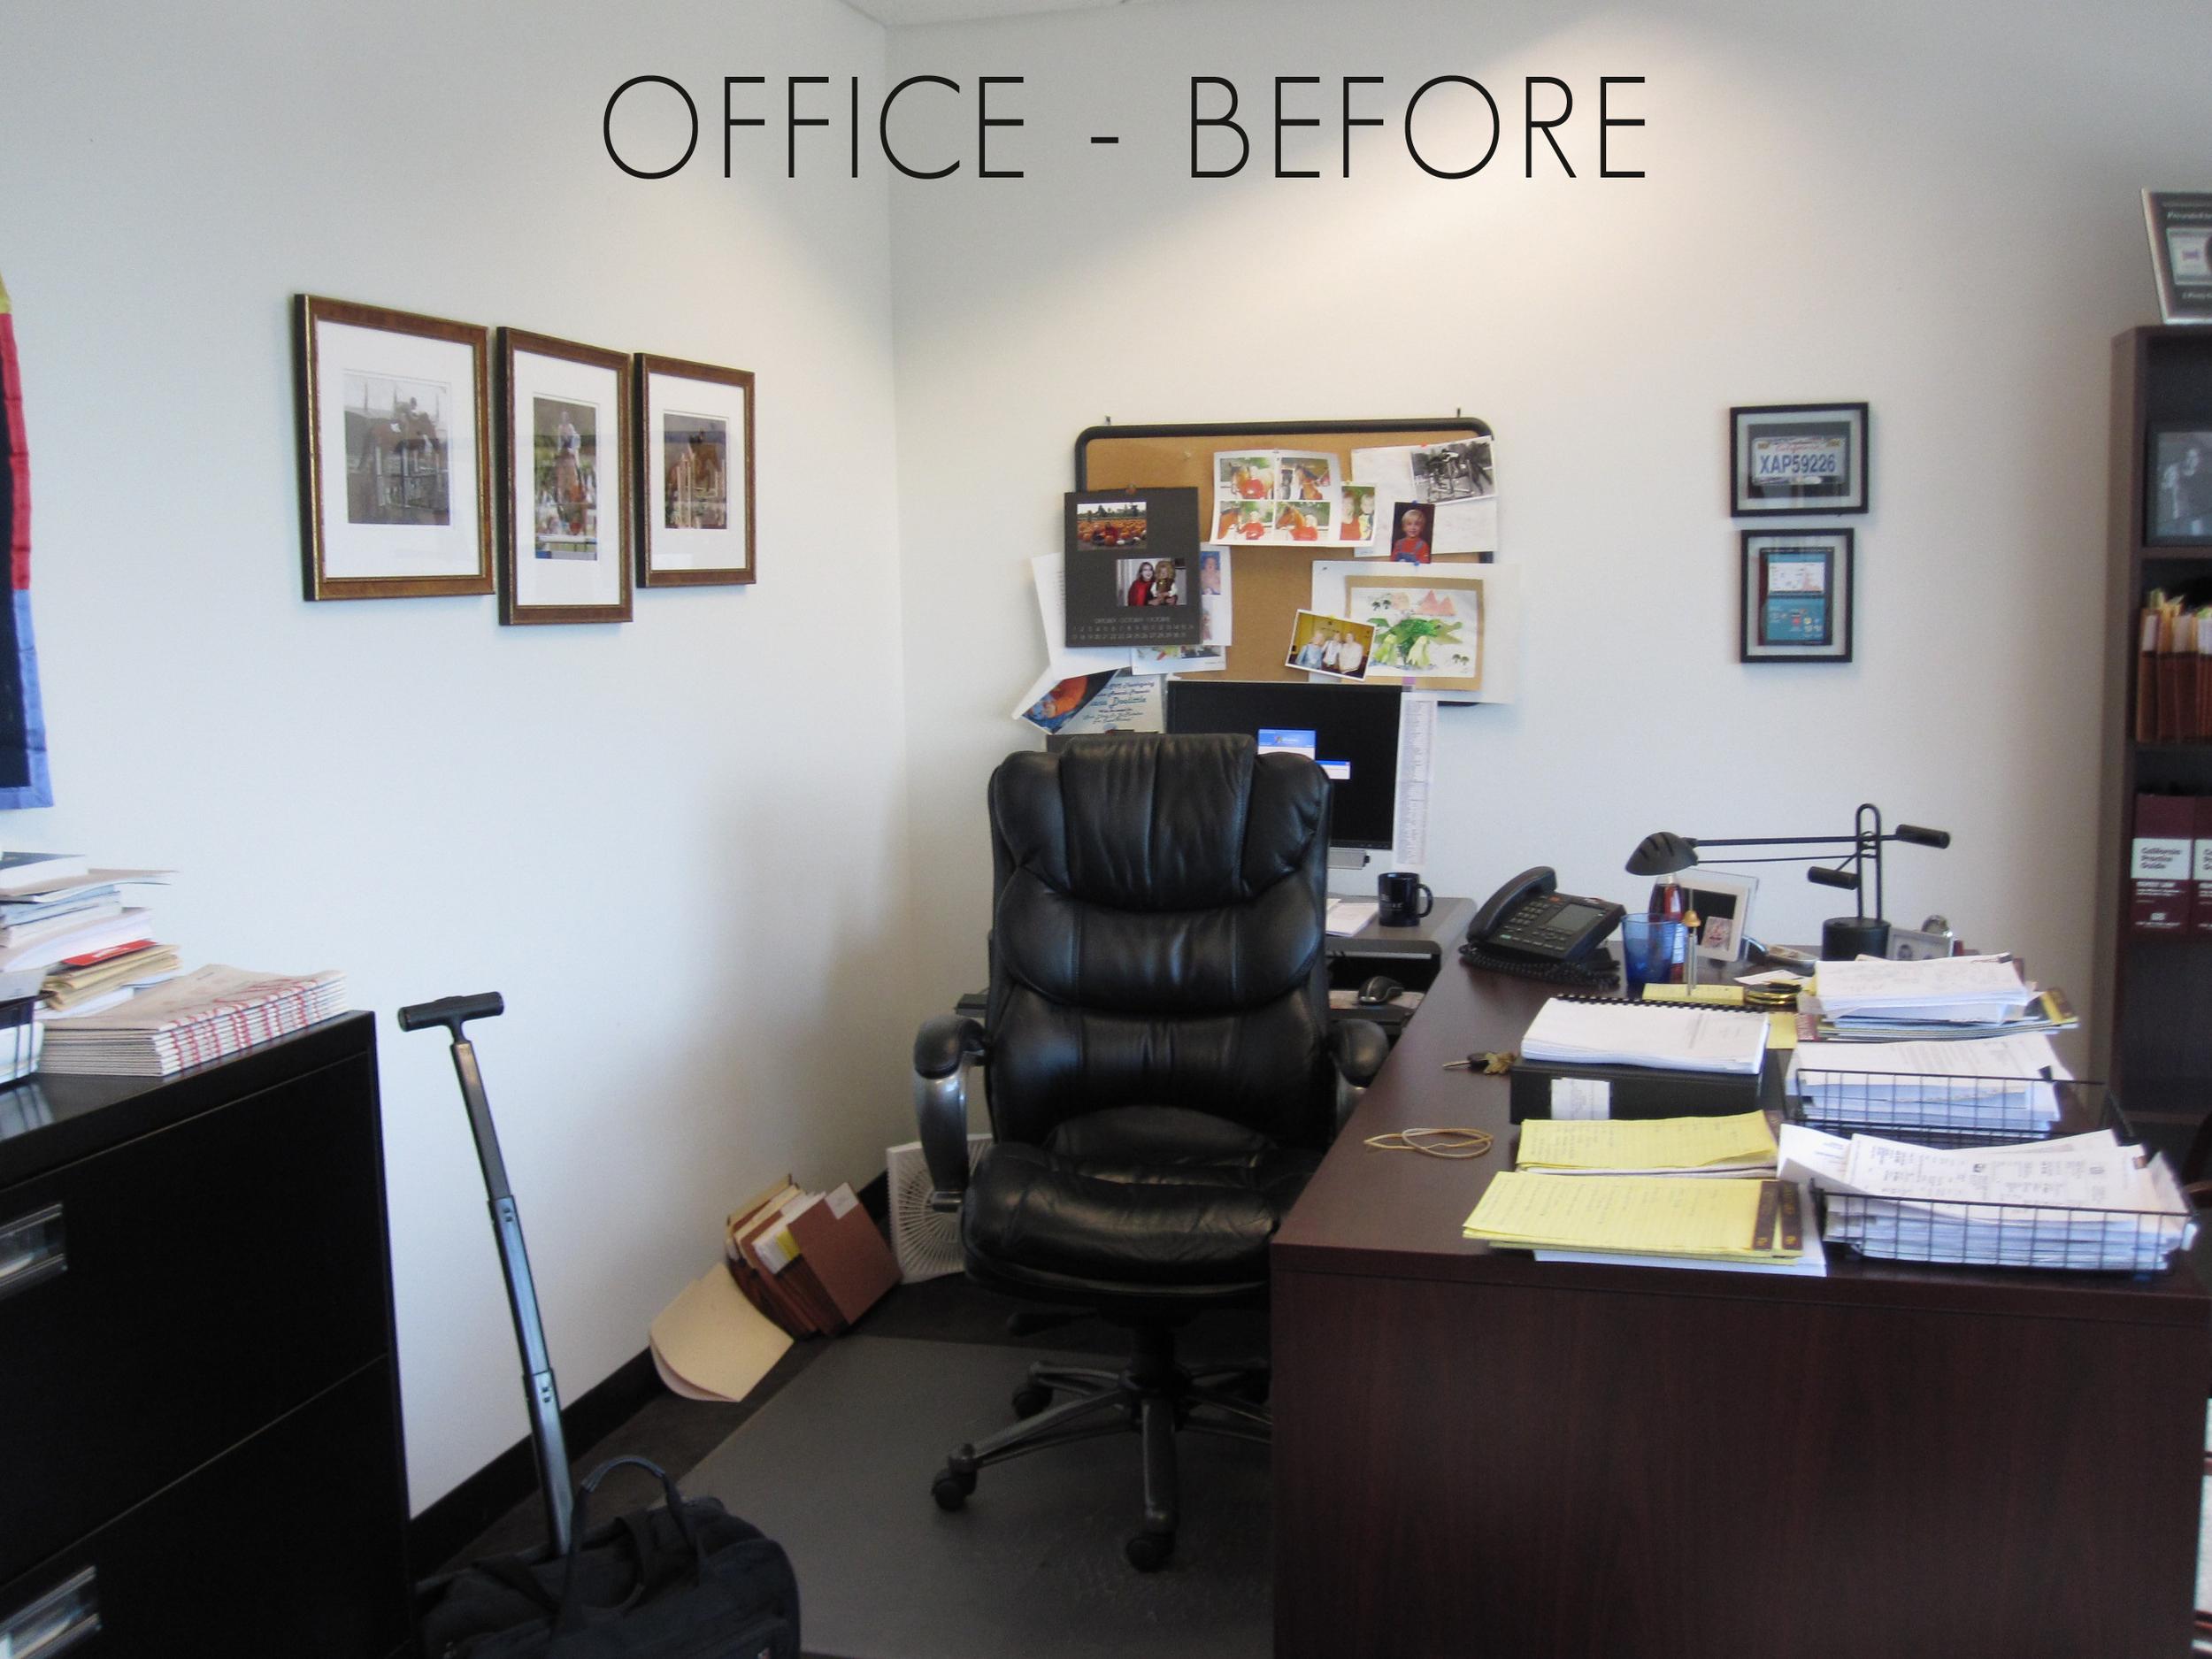 office-before.jpg